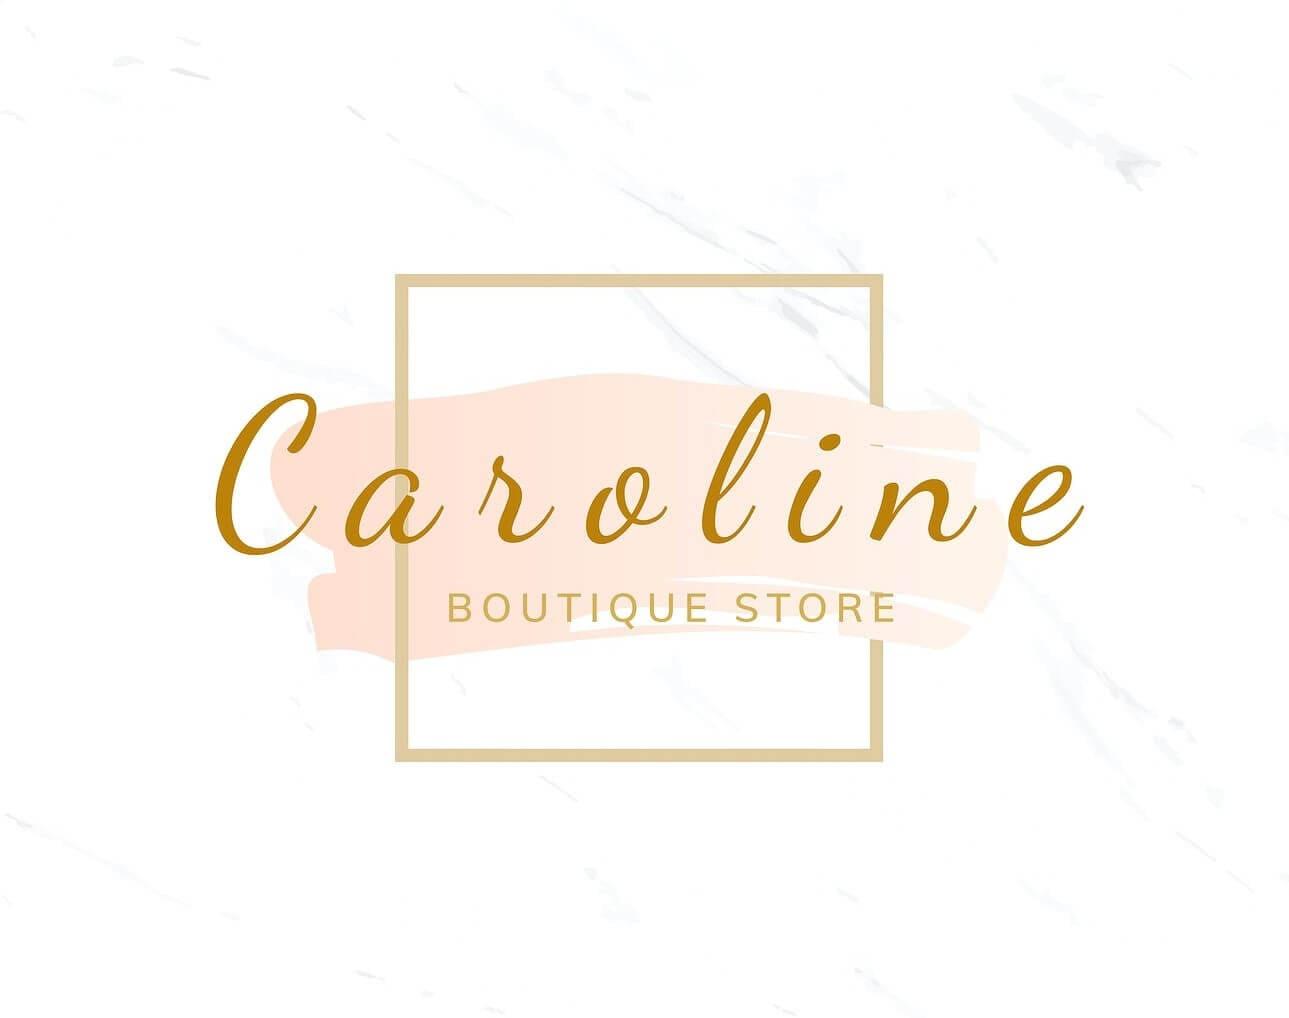 logo shop thời trang